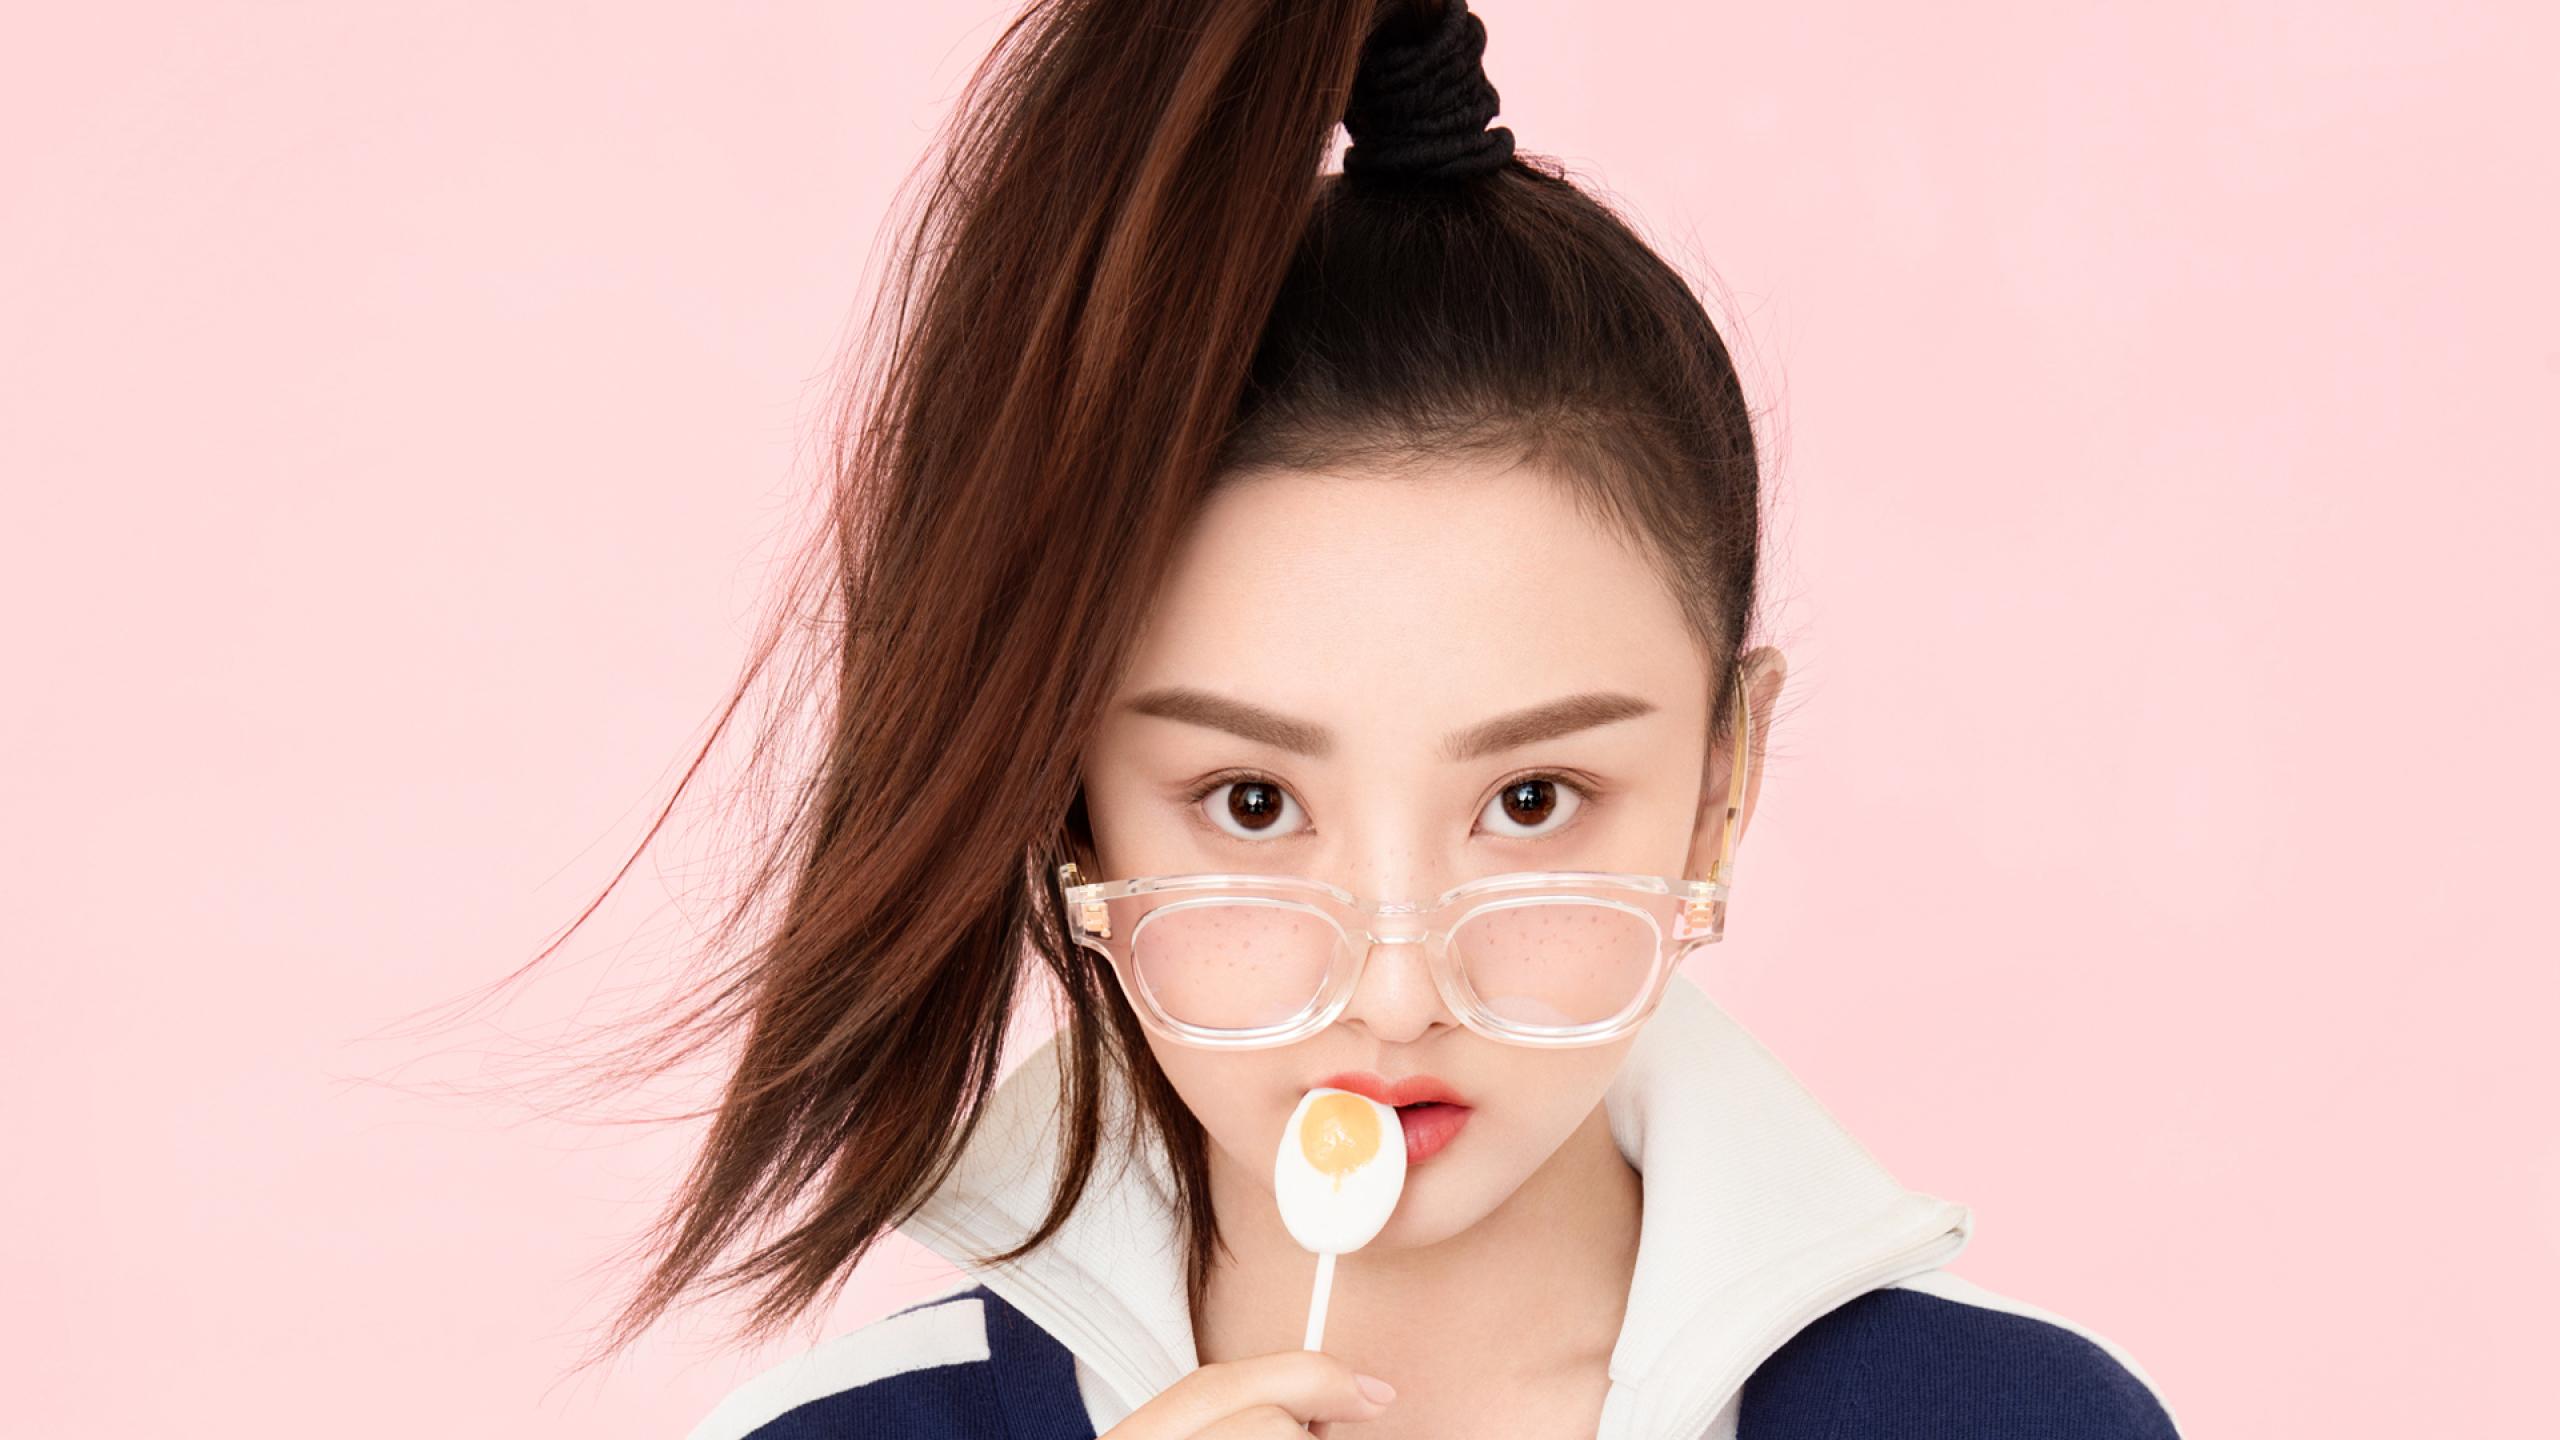 song zu er chinese actress, full hd wallpaper